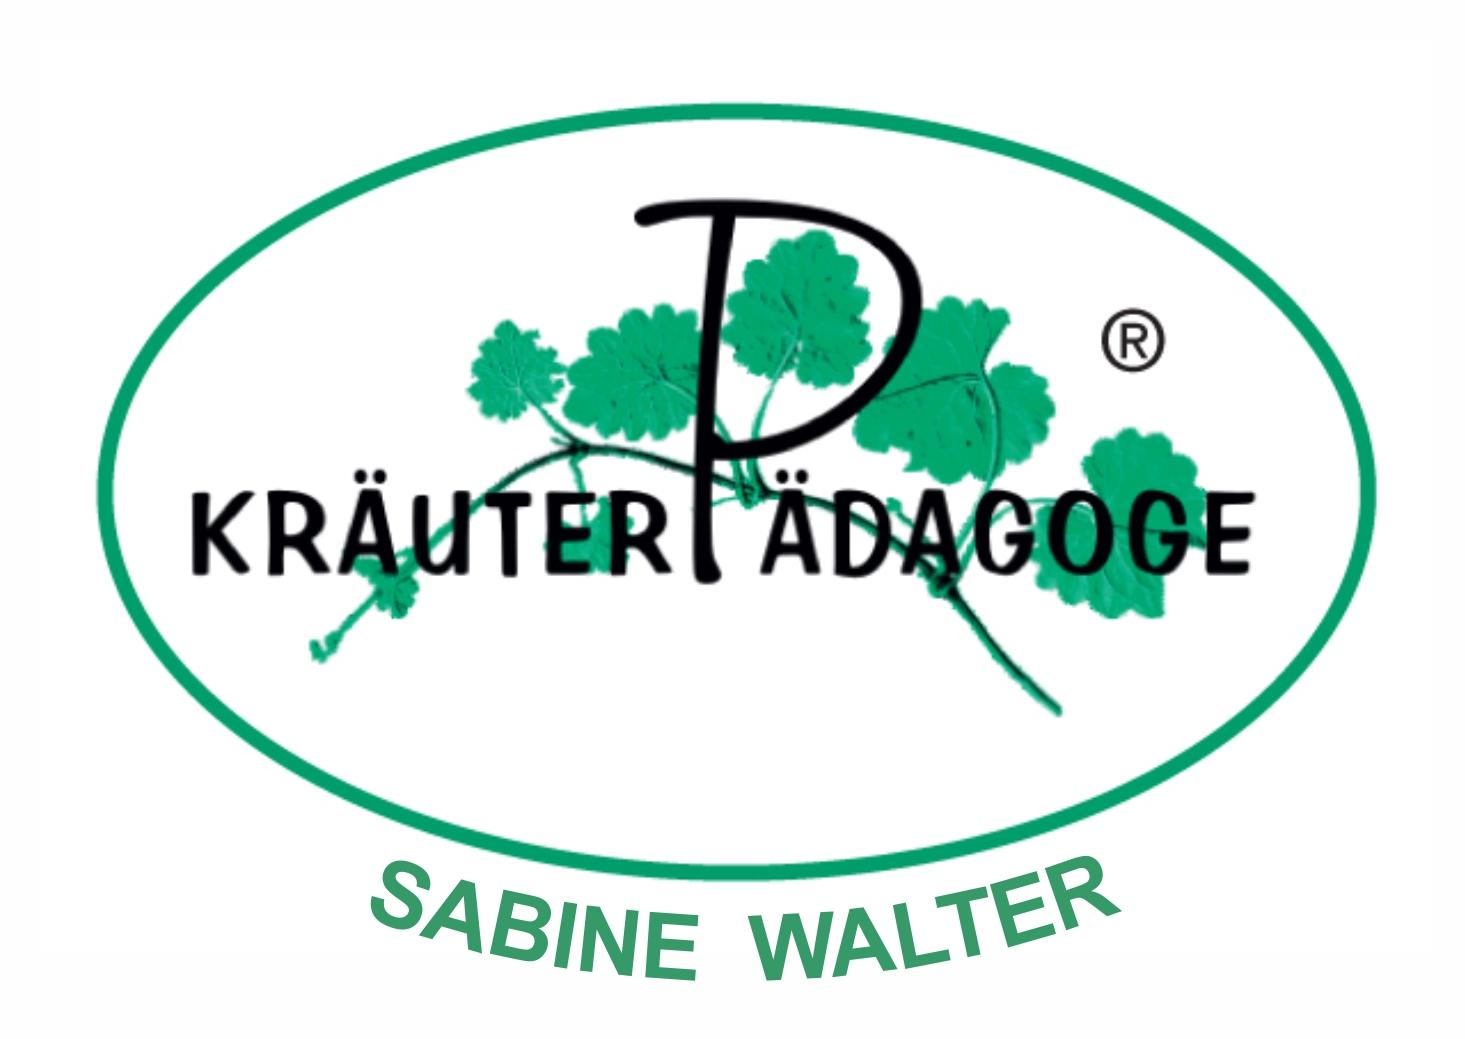 Kräuter Pädagoge Sabine Walter